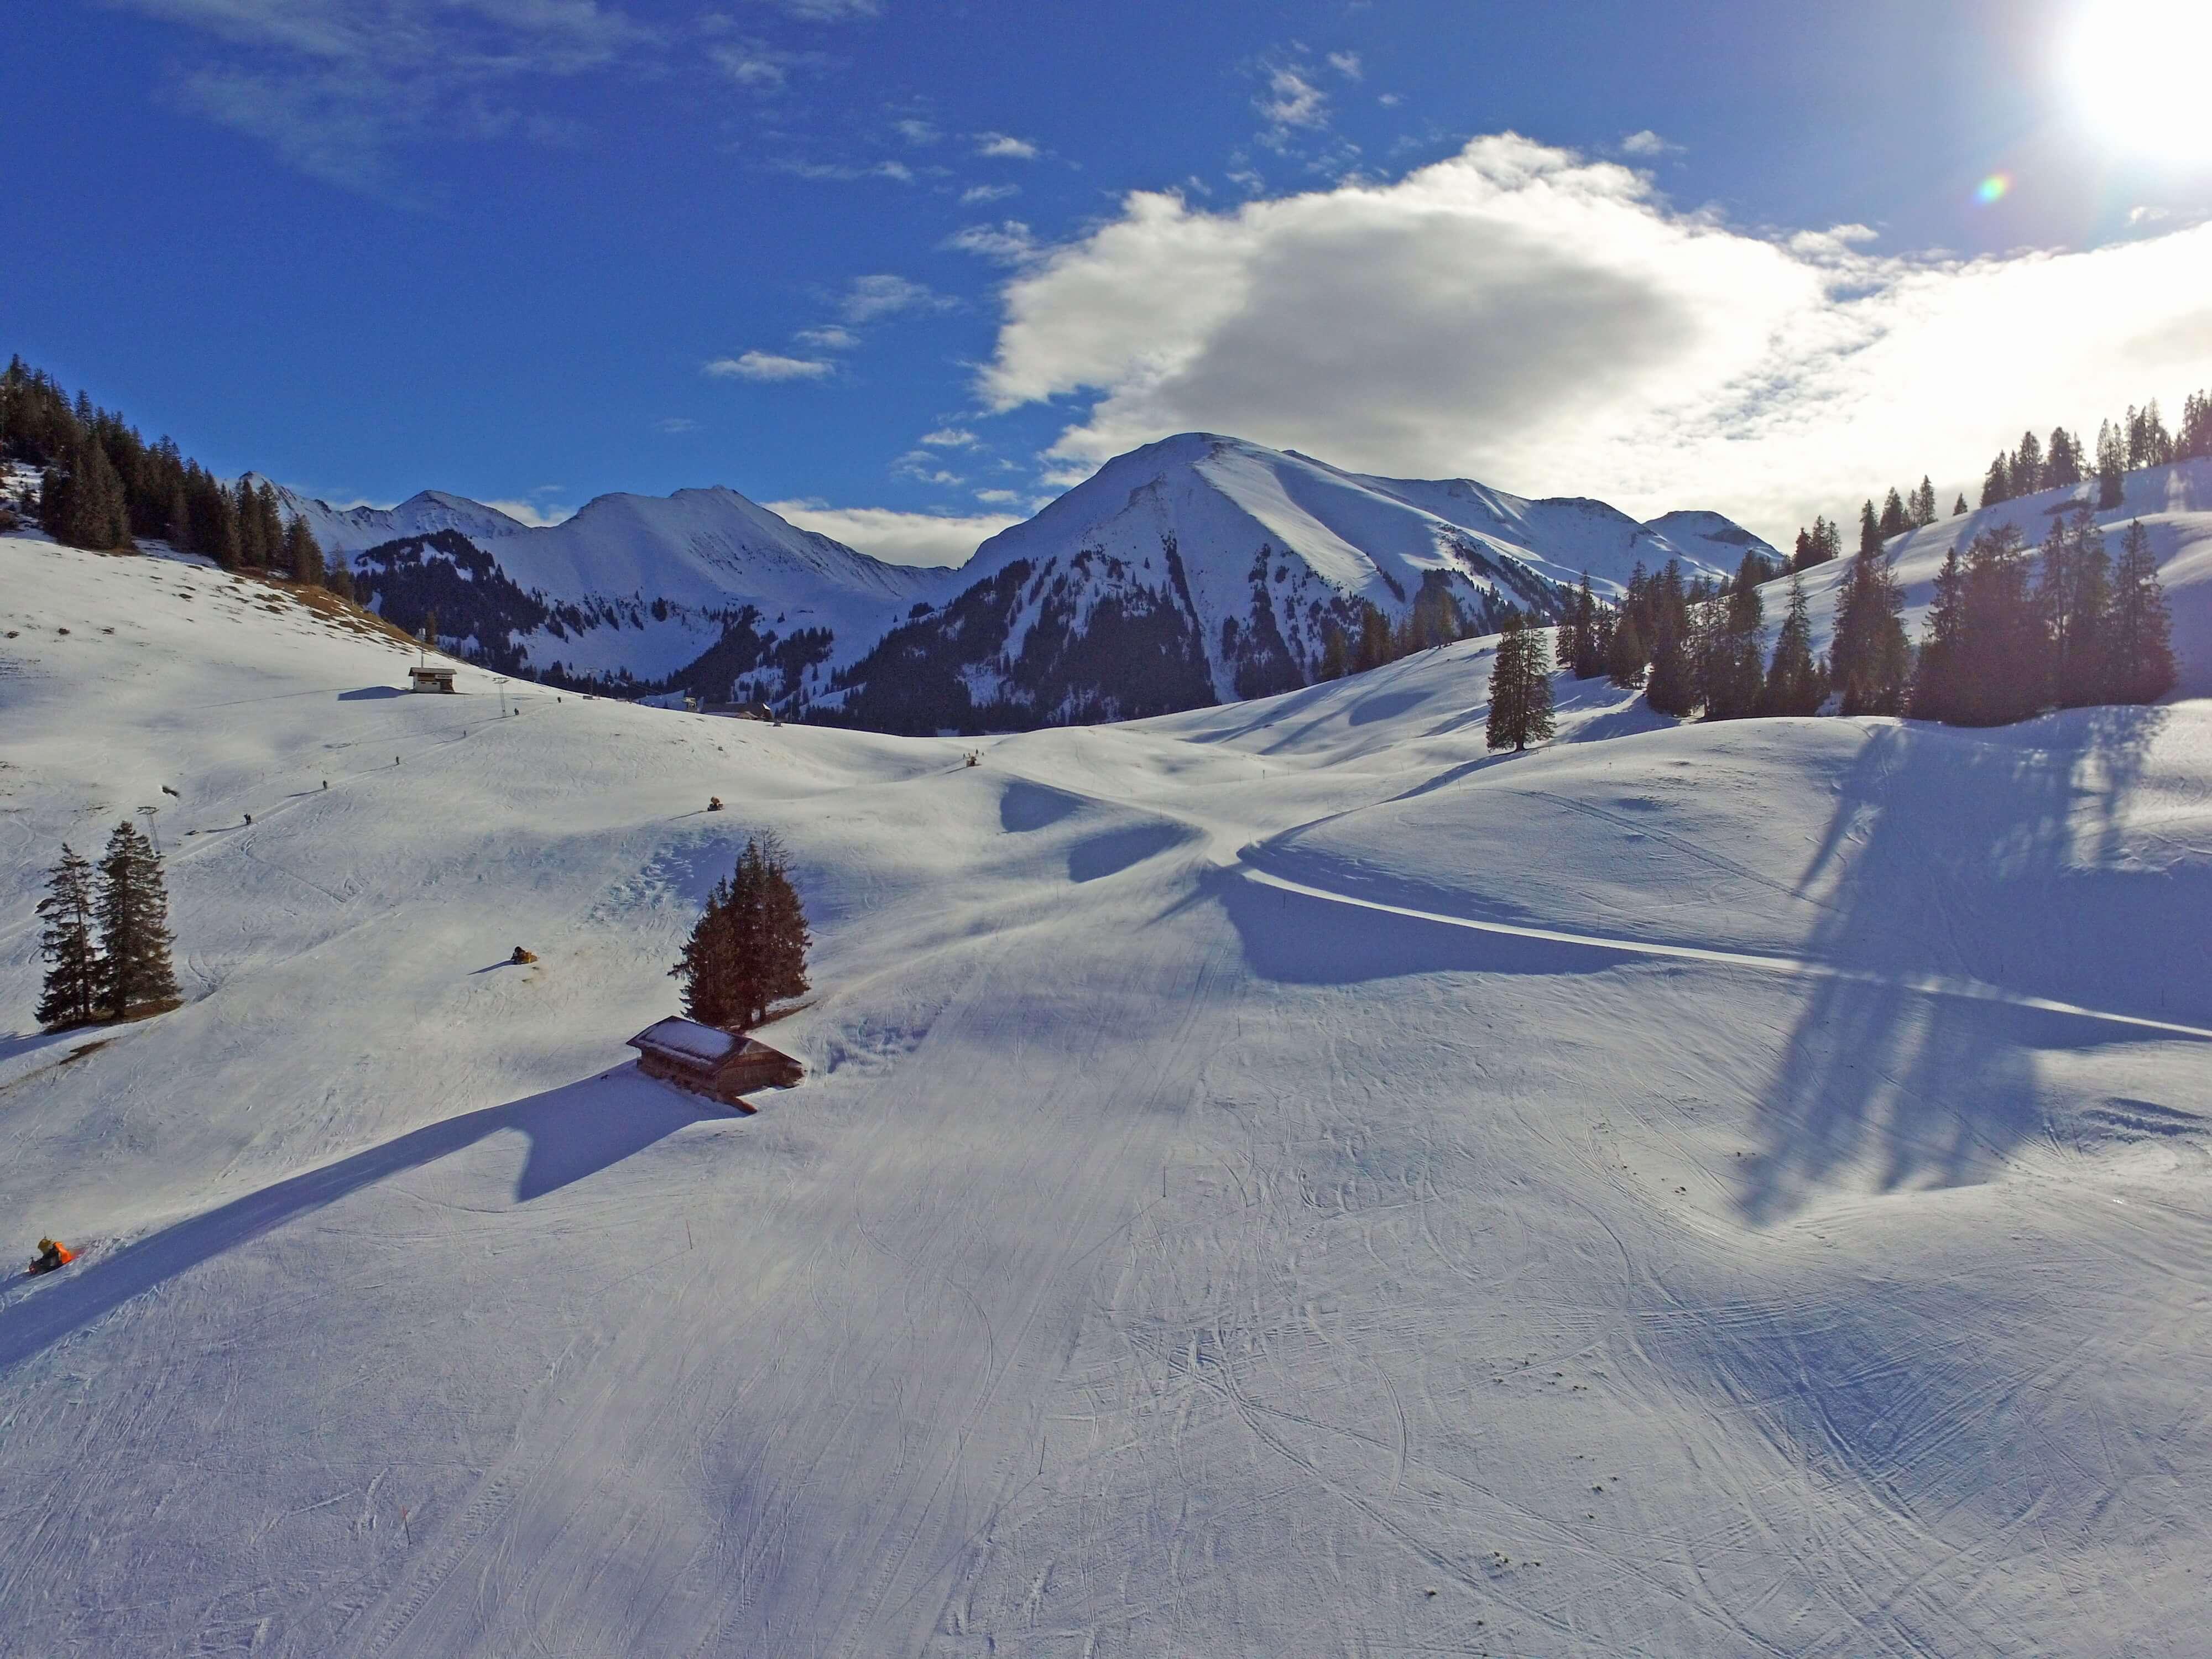 Blick auf das Wintersportgebiet Wiriehorn